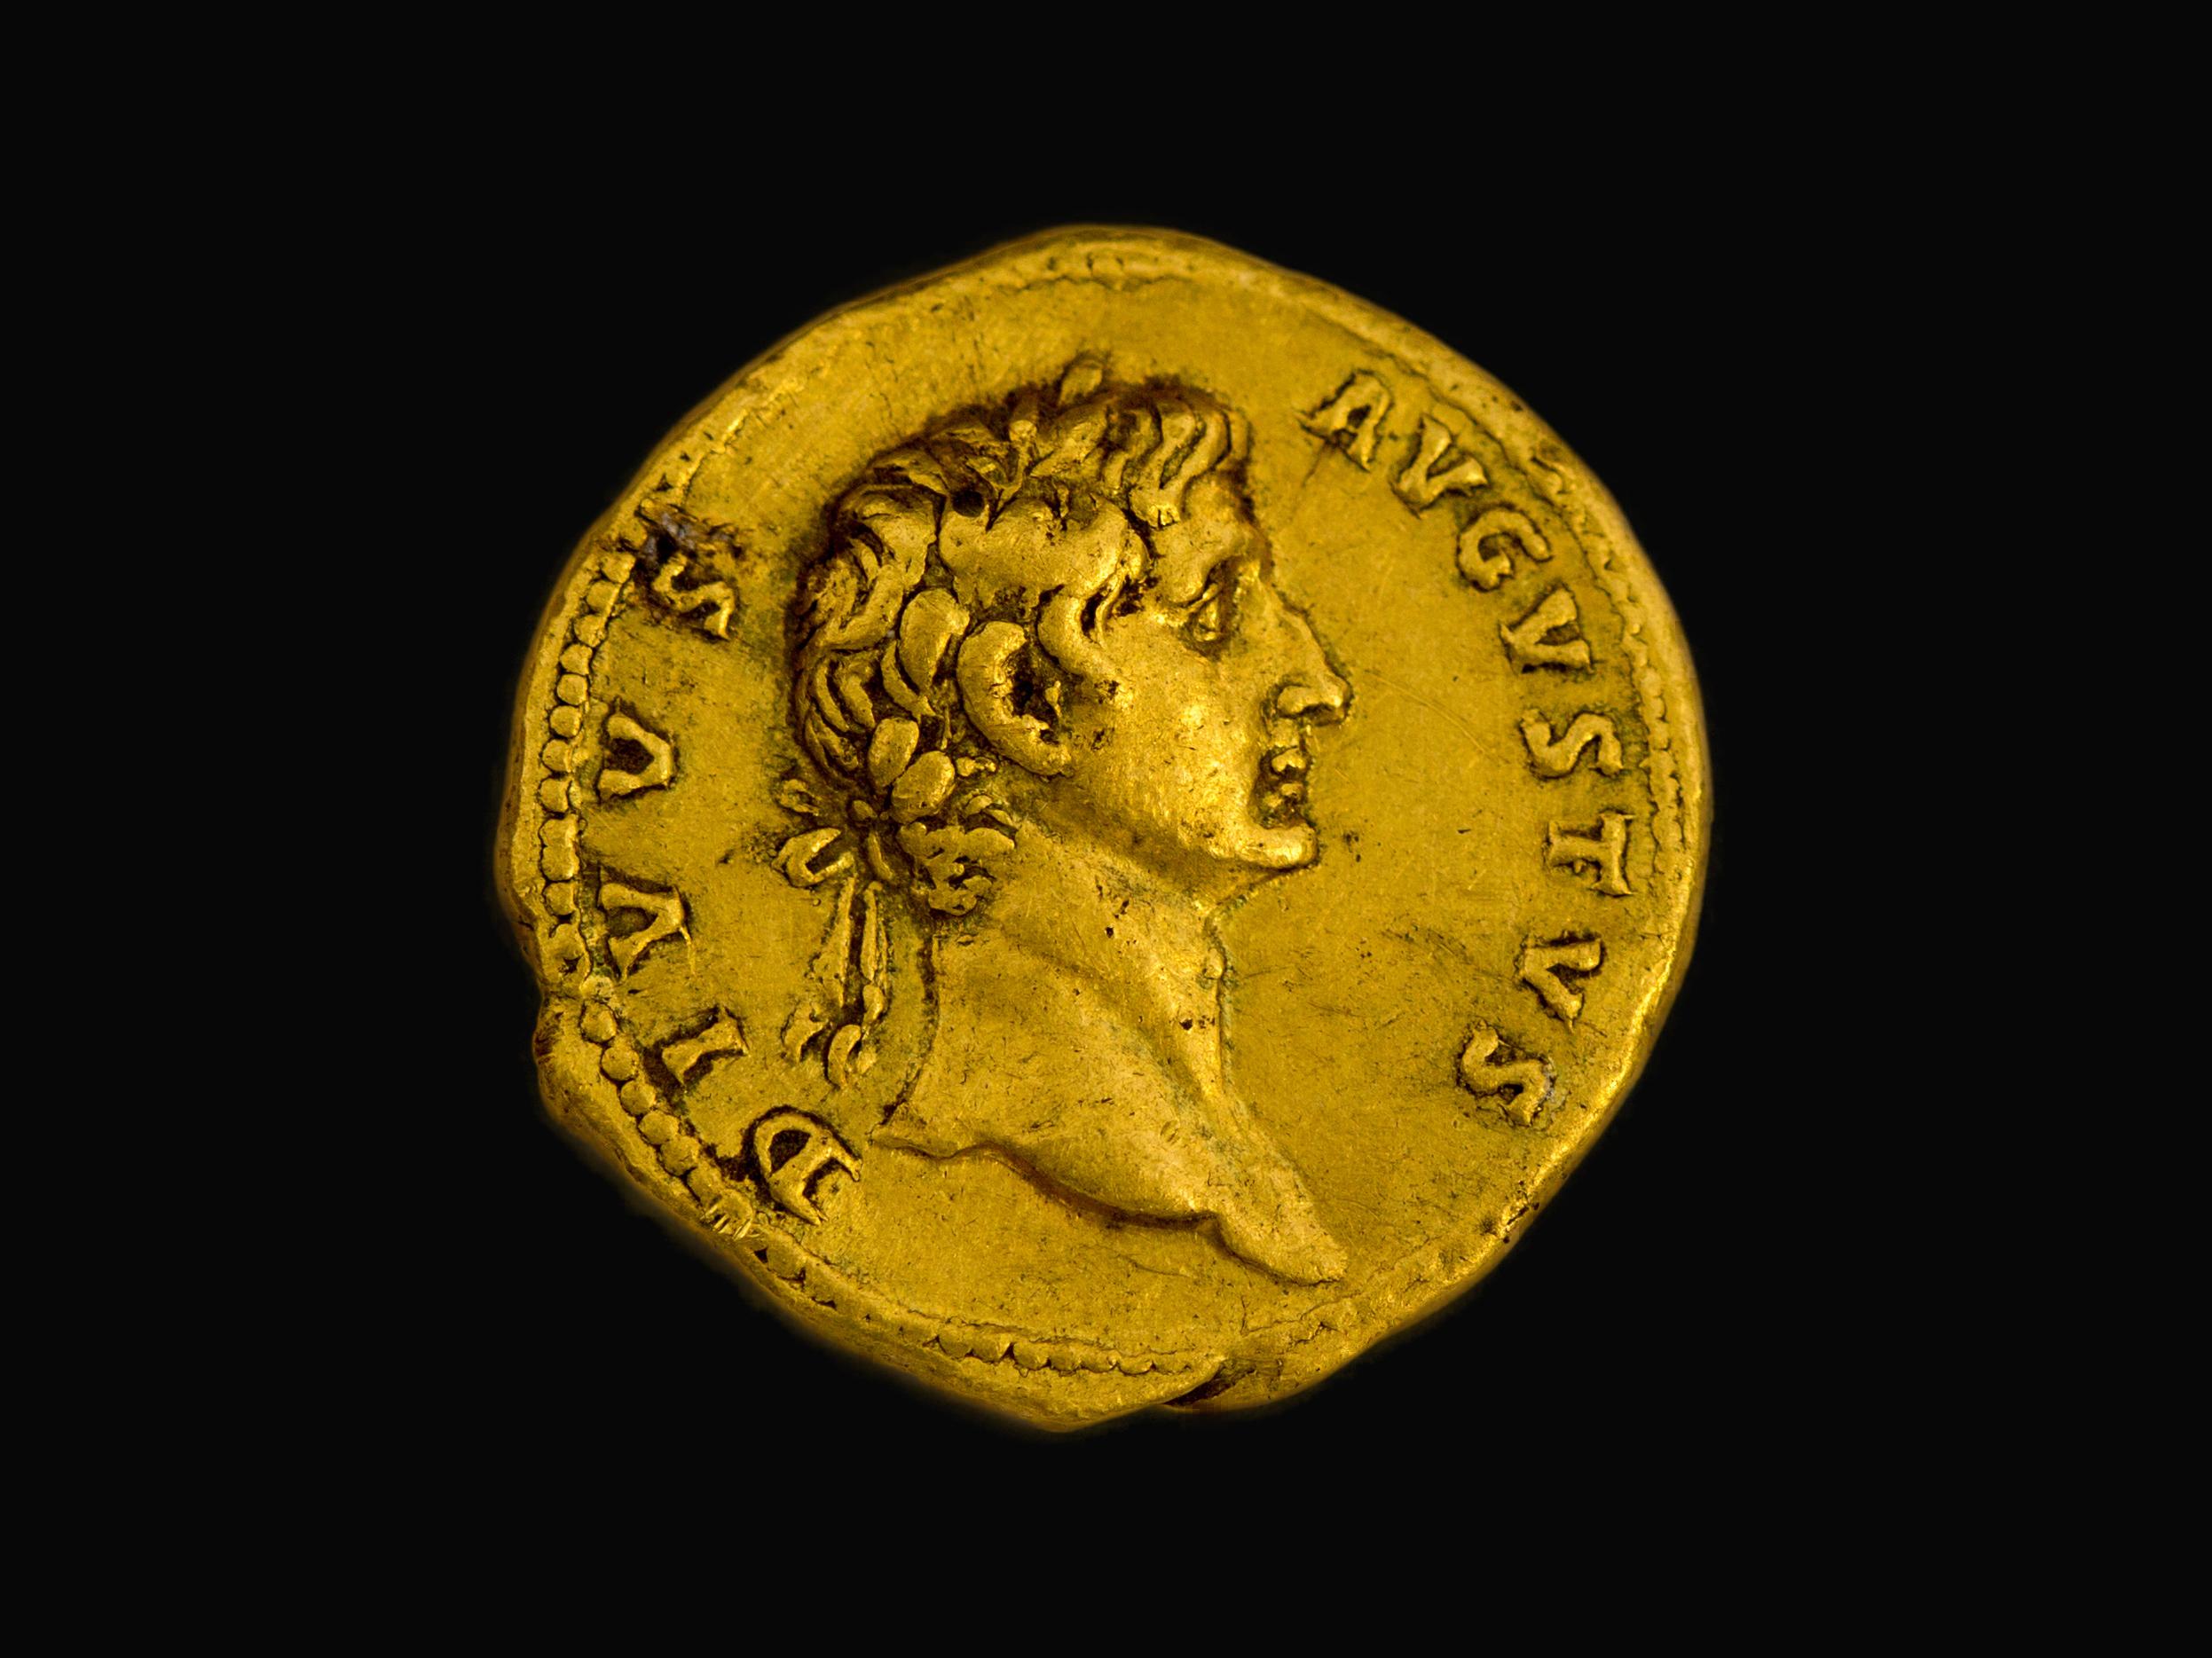 """דיוקנו של הקיסר """"אוגוסטוס האלוהי"""". צילום: שמואל מגל, באדיבות רשות העתיקות"""